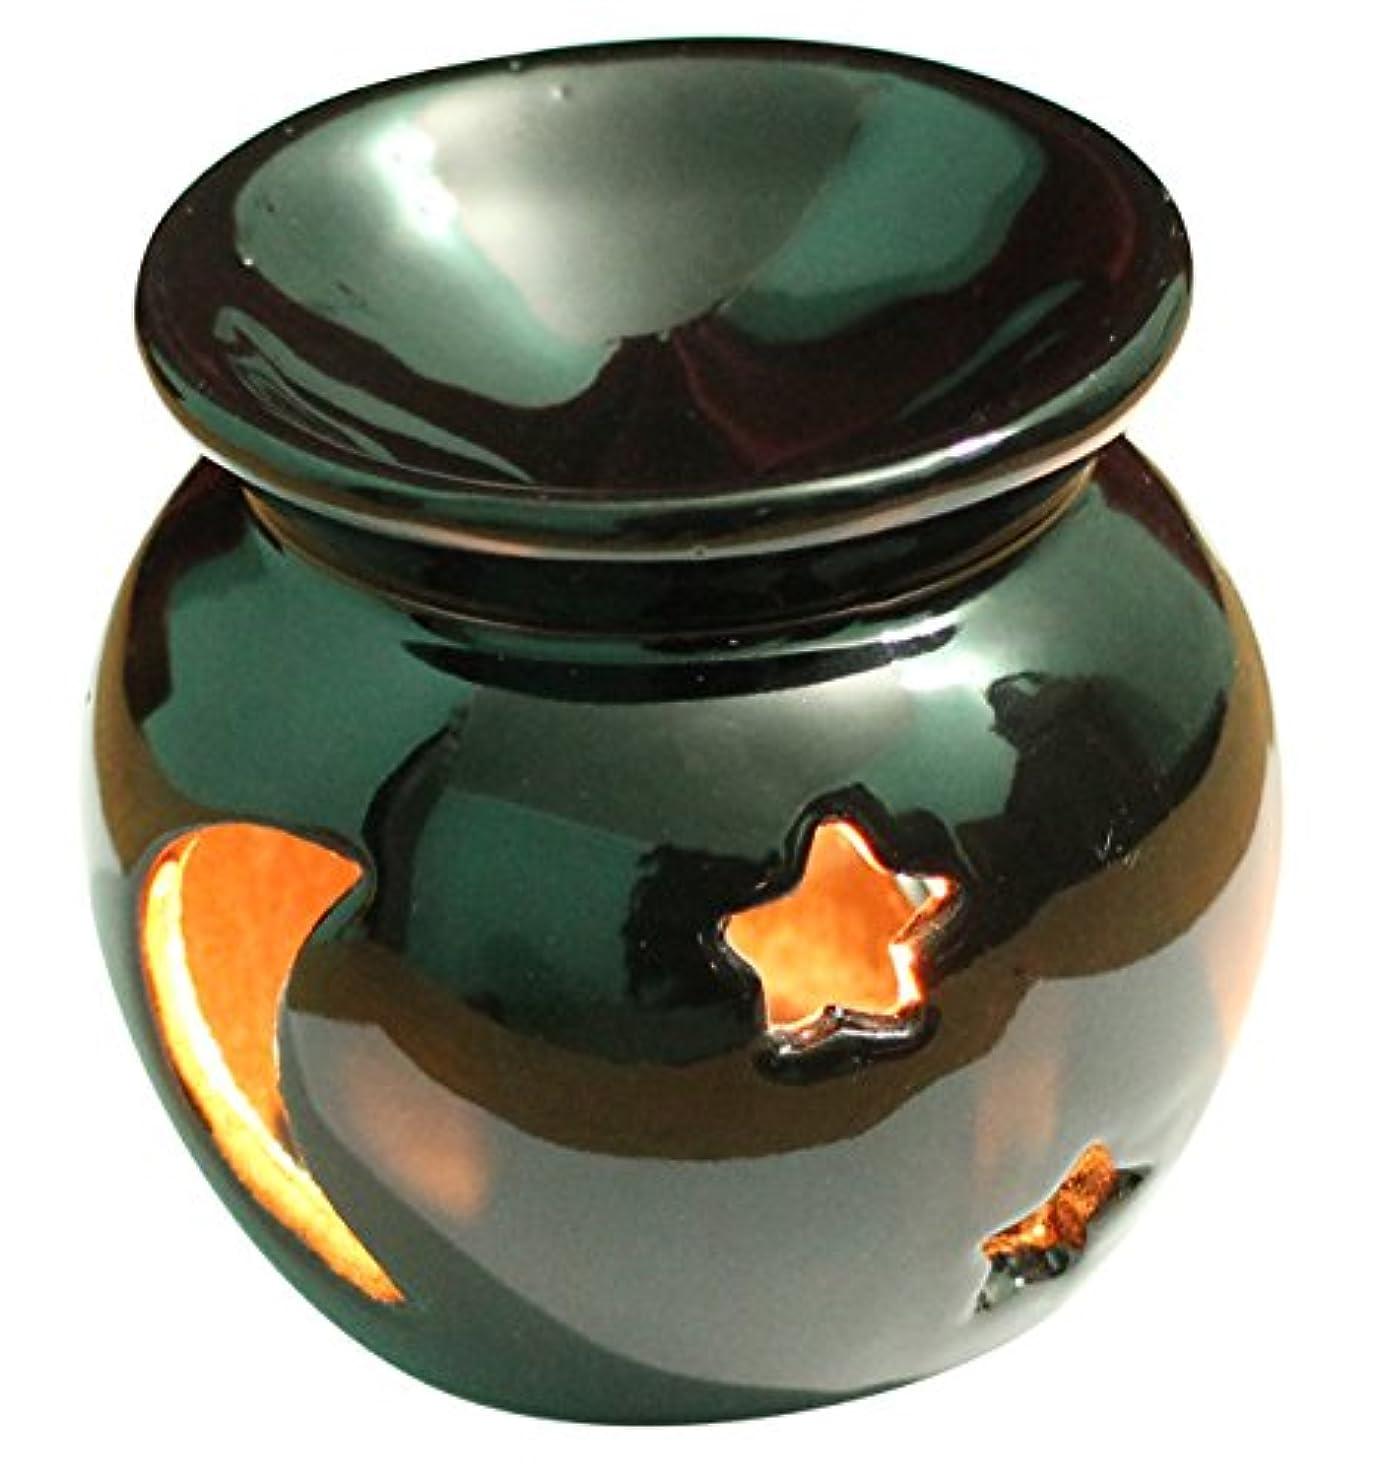 職業糞代わりにを立てるAb Handicrafts – セラミック – Essential Oil Burner、完璧ハンドメイドOil Diffuser for Fragrance &アロマセラピー – 素晴らしい装飾のリビングルーム、バルコニー...